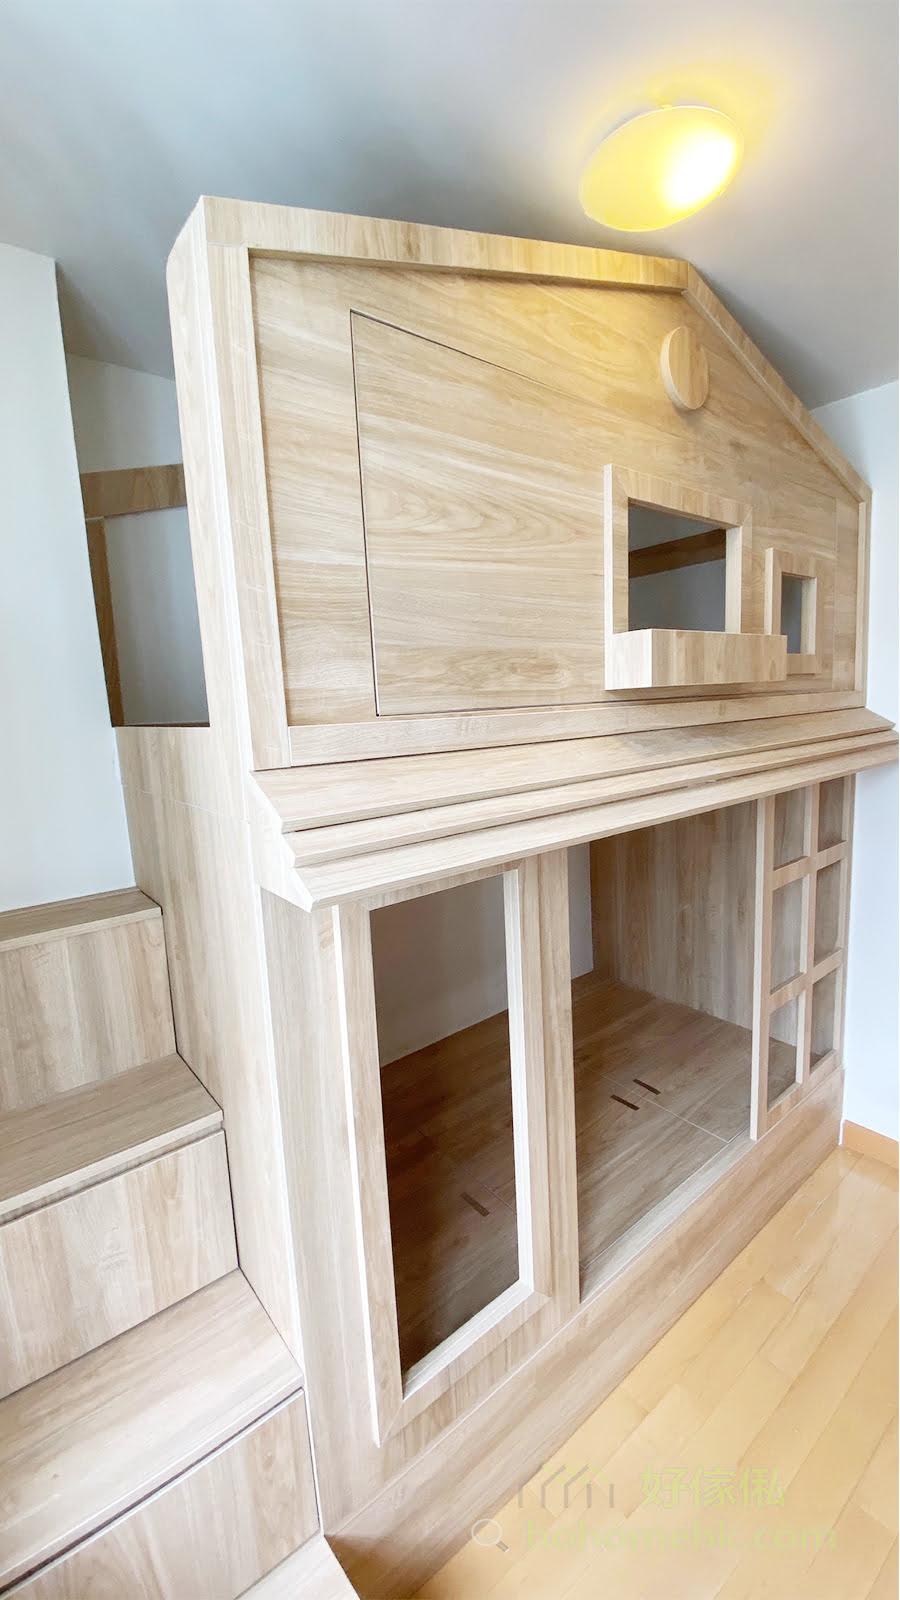 雖然是單色的簡約設計,但屋仔的細節絕不馬虎,運用層次分明的設計打造出屋仔造型